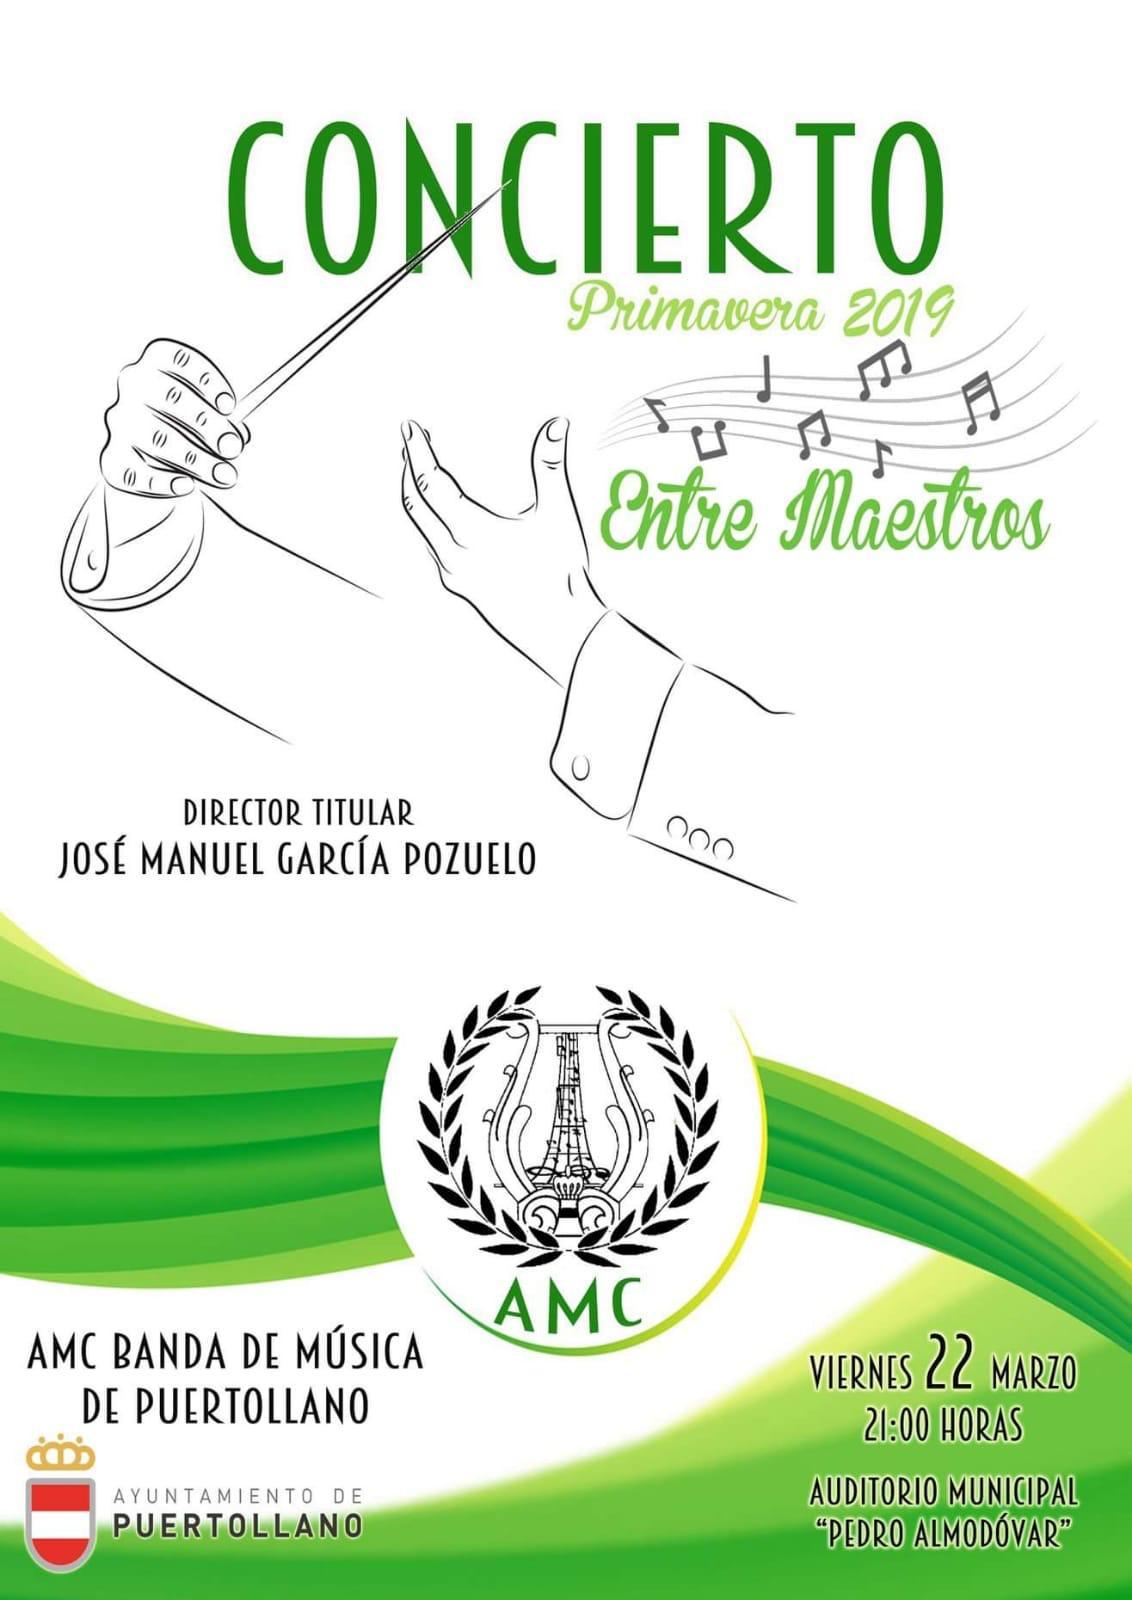 Cartel Concierto AMC Banda de Música de Puertollano